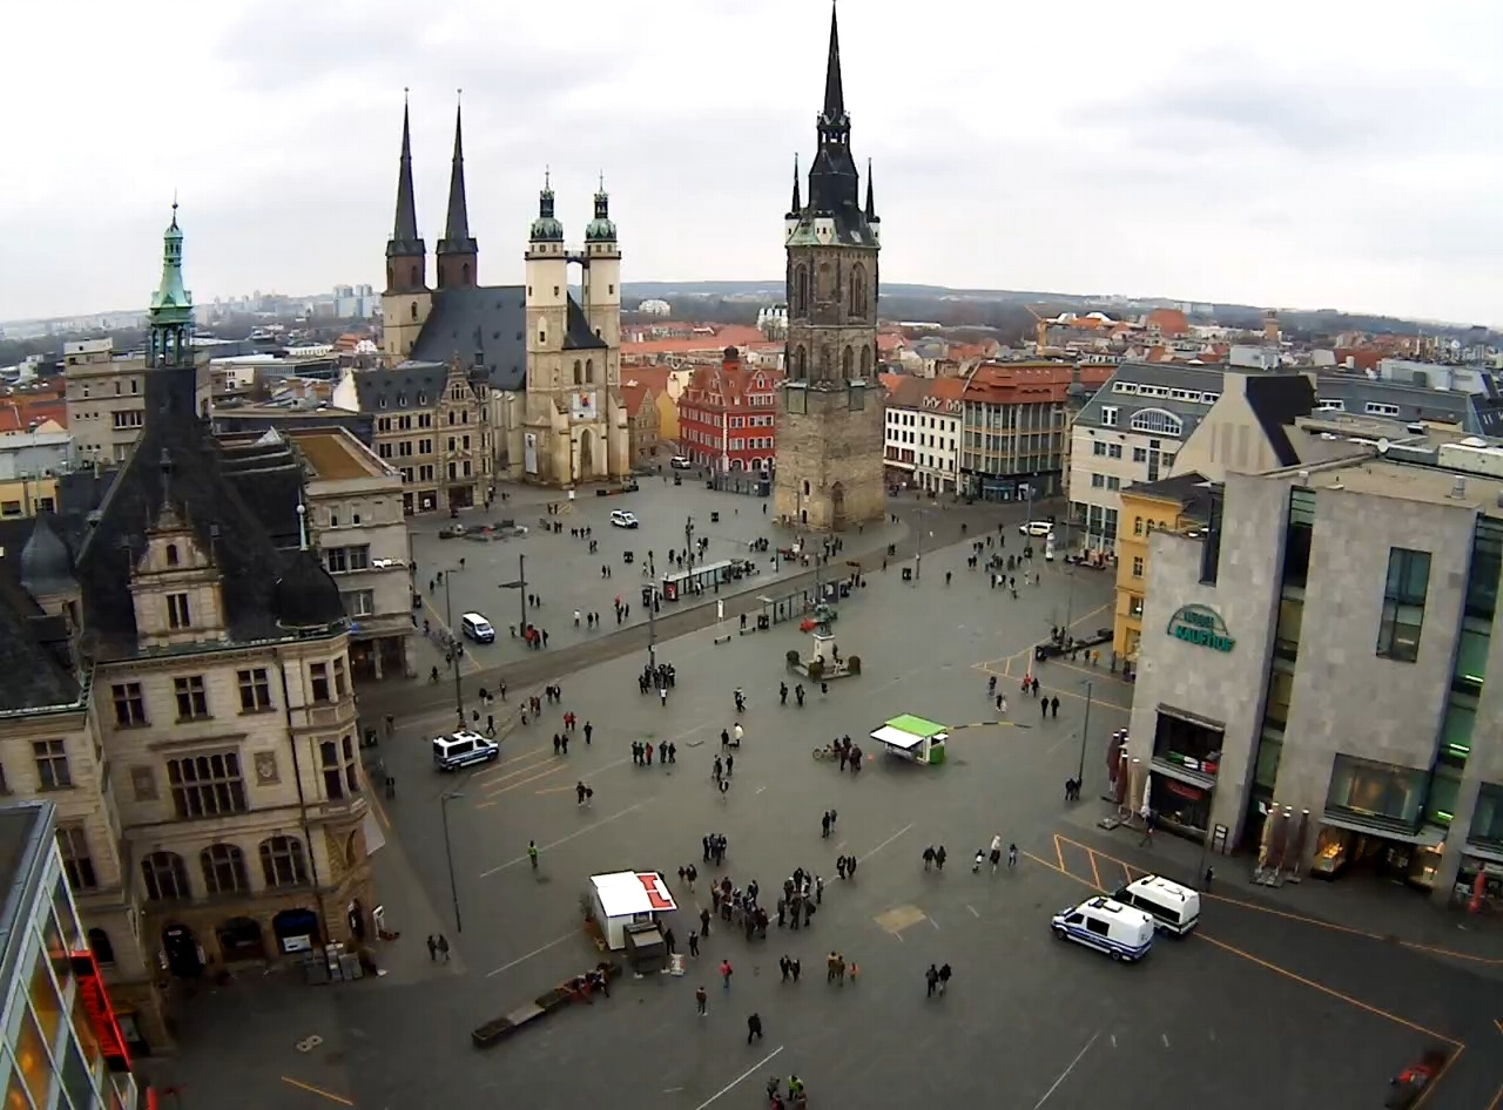 Der Marktplatz in Halle um 17:20 Uhr. Screen Webcam von ipcamlive.com